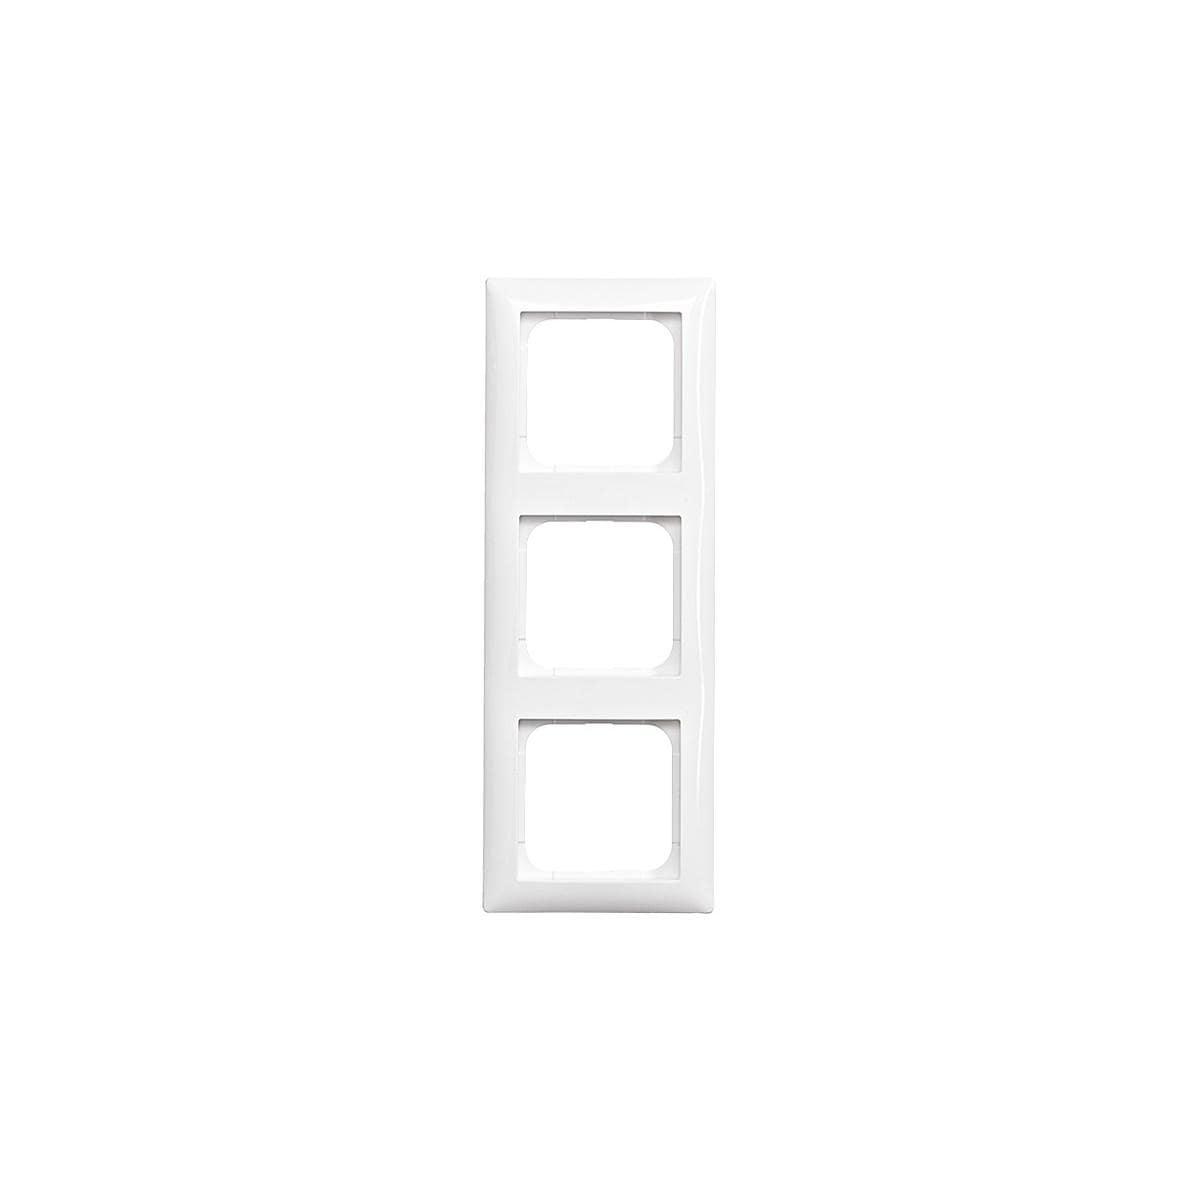 busch jaeger 1723 914 abdeckrahmen 3 fach busch balance si alpinwei von busch jaeger a. Black Bedroom Furniture Sets. Home Design Ideas